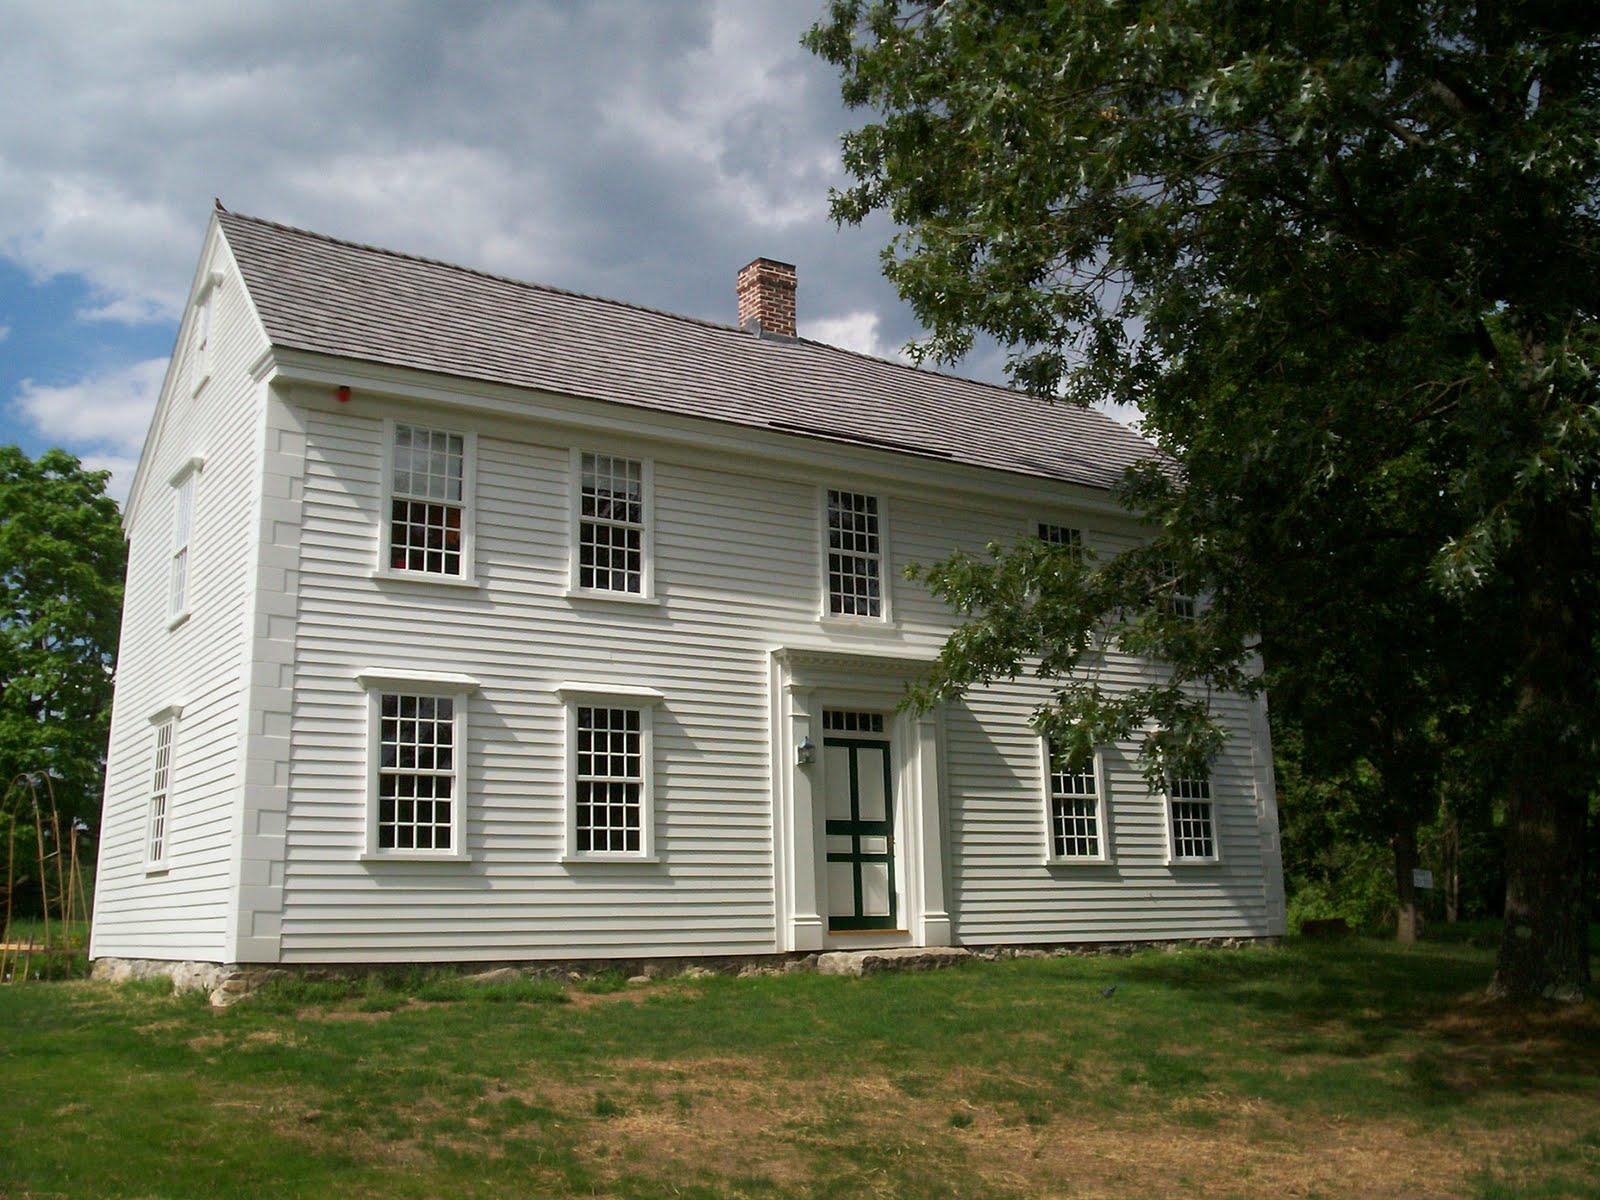 American farmhouse architecture inviting home design for American farmhouse style architecture